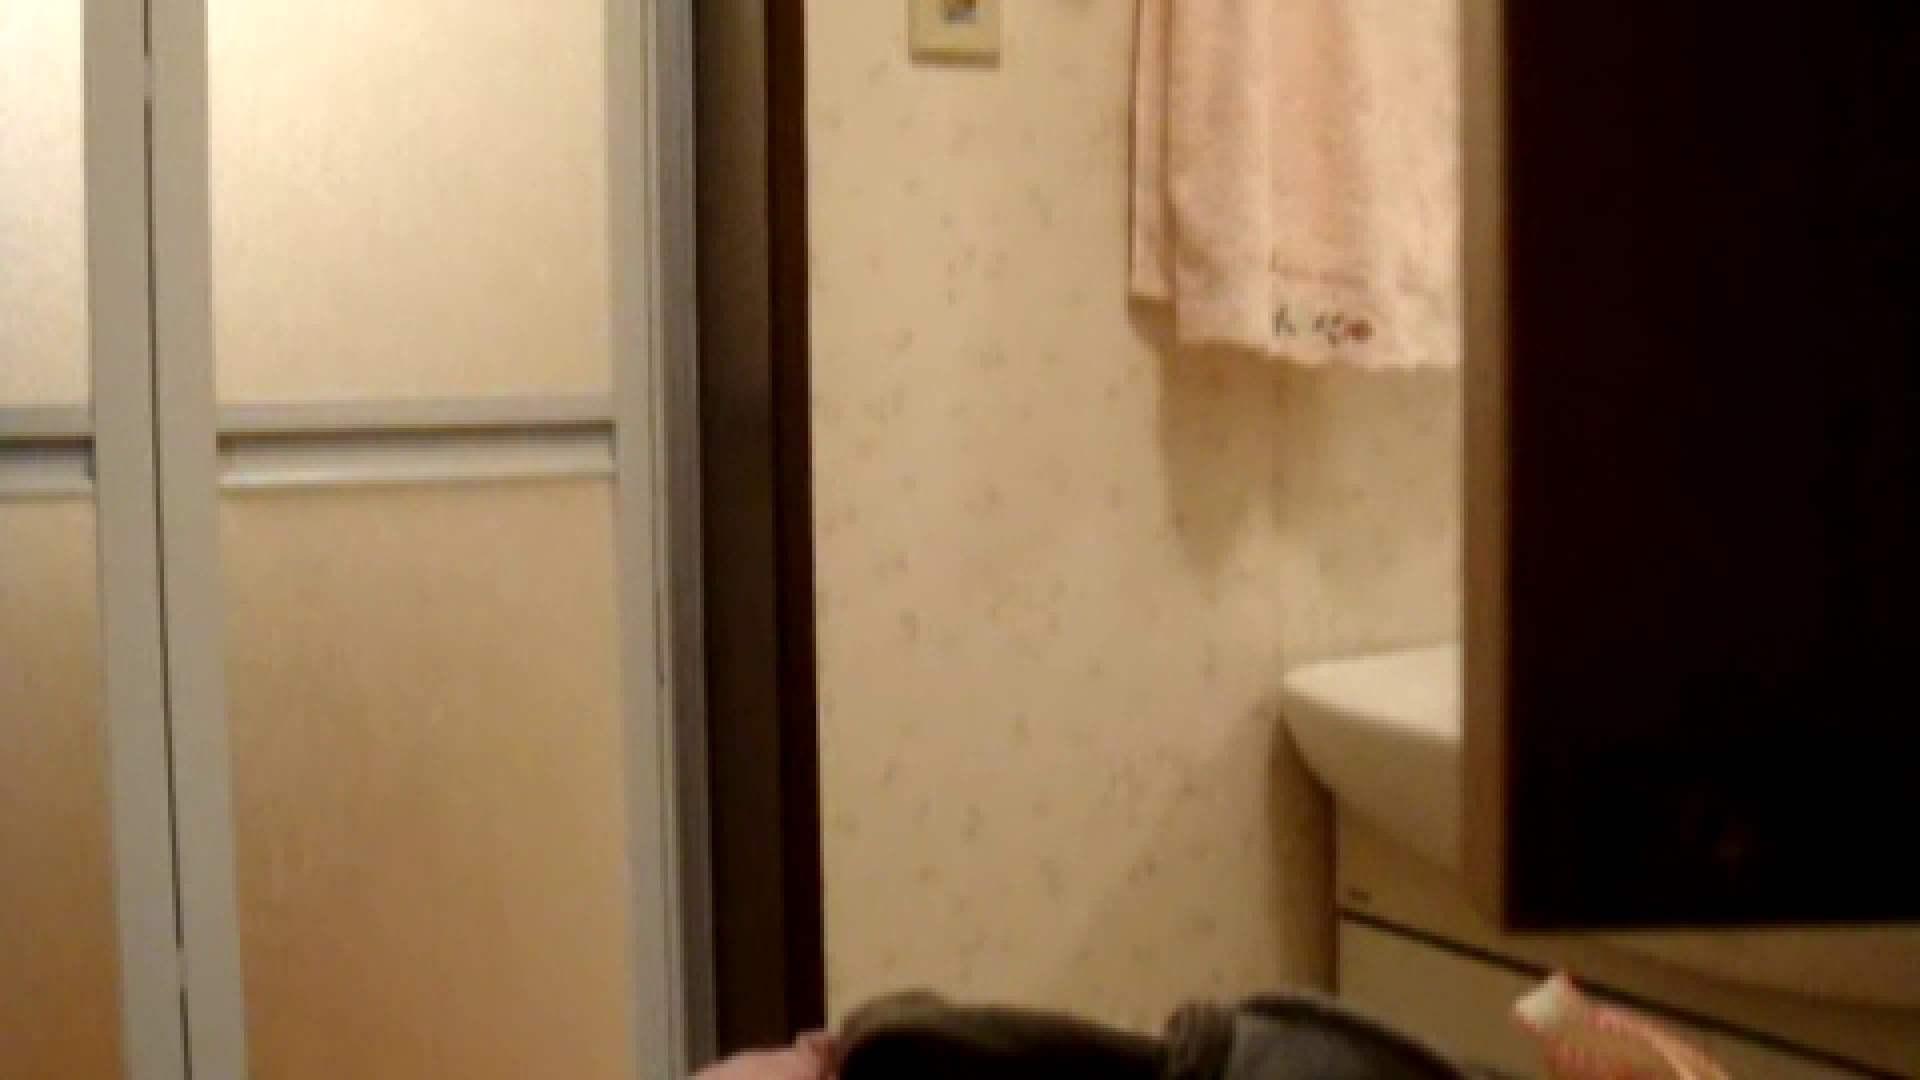 vol.8 まどかの入浴、完全にバレたと思いました。 OL  113pic 103